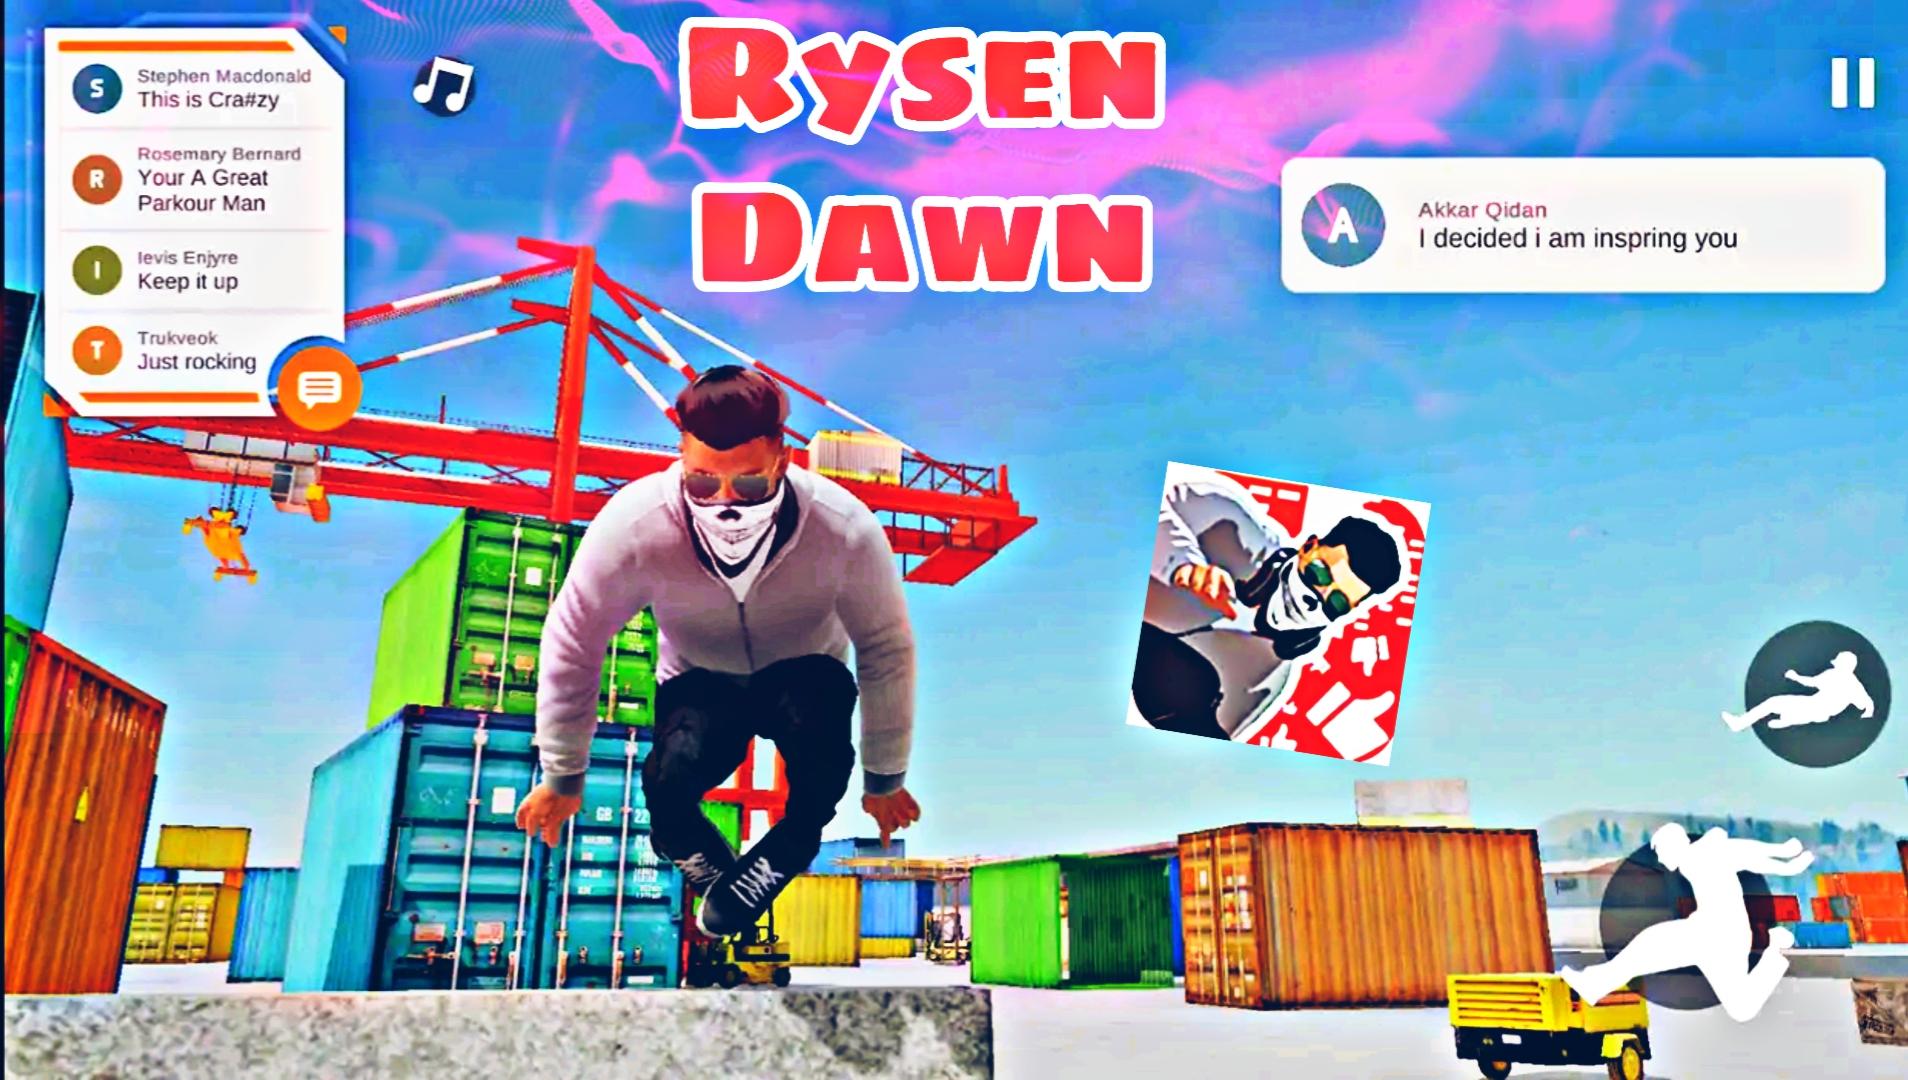 رسميا: لعبة الباركور مدهشة Ryzen Dawn جرافيك خيالي +HD